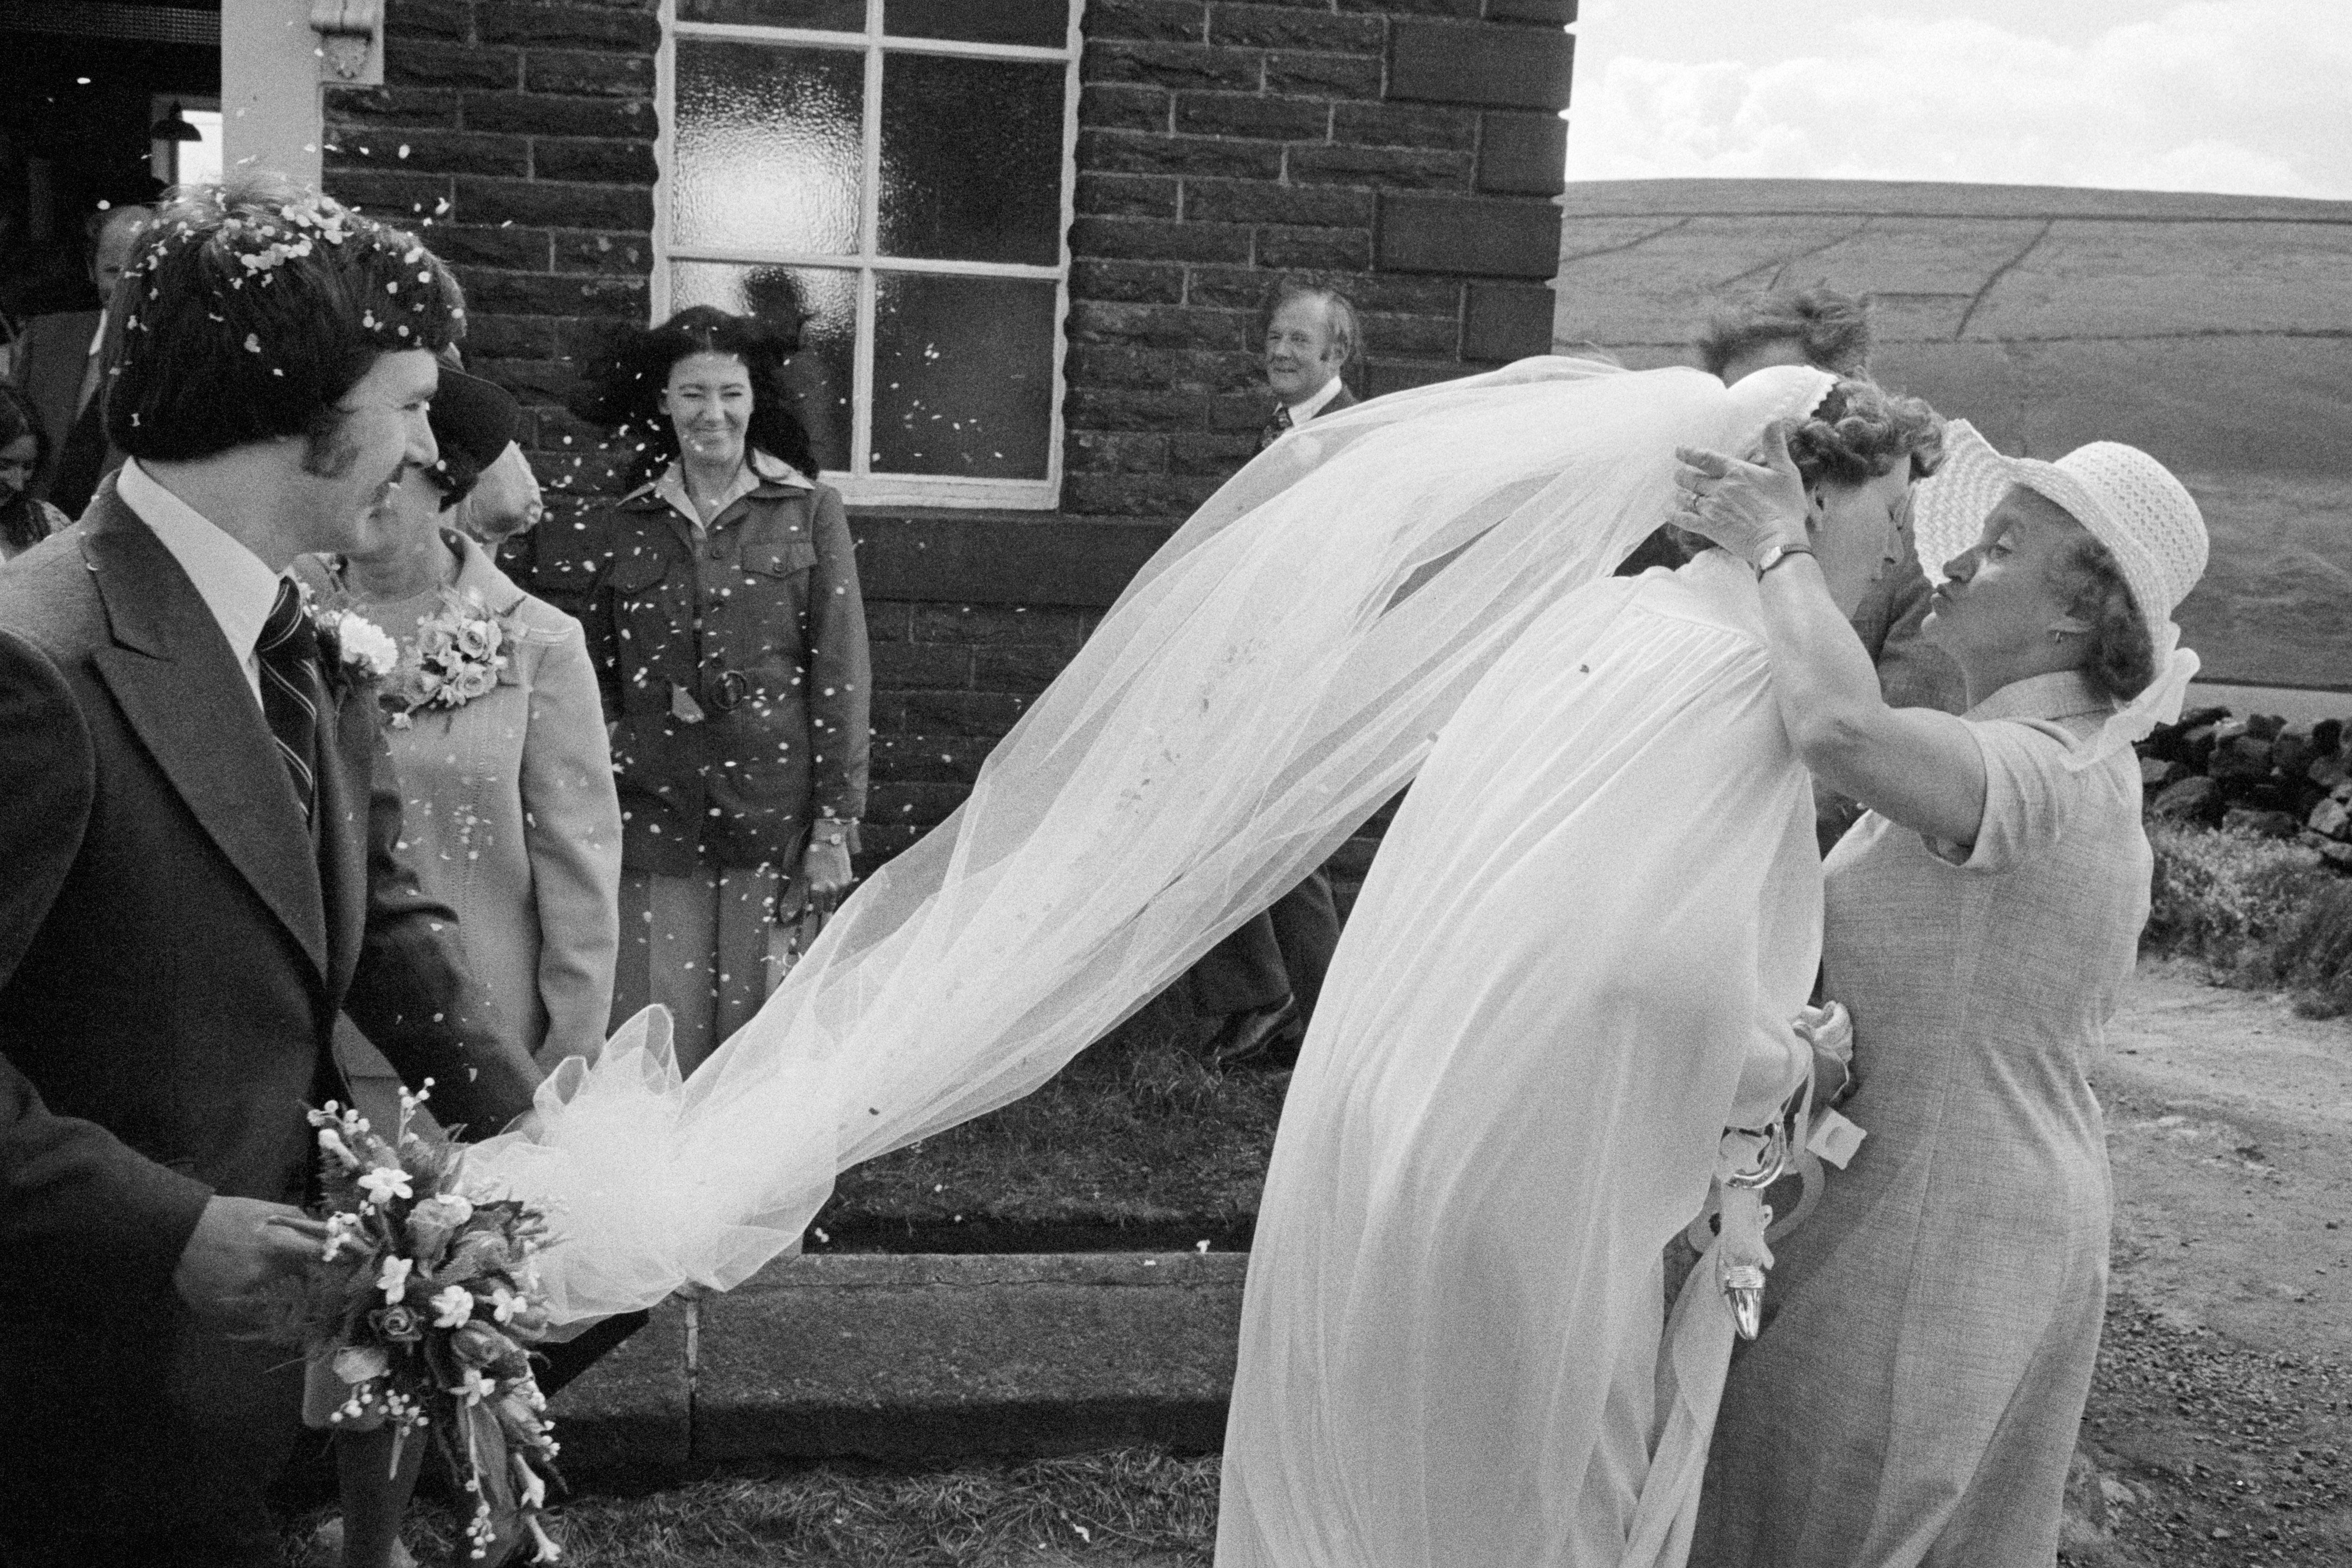 Martin Parr: A Small Wedding Folio